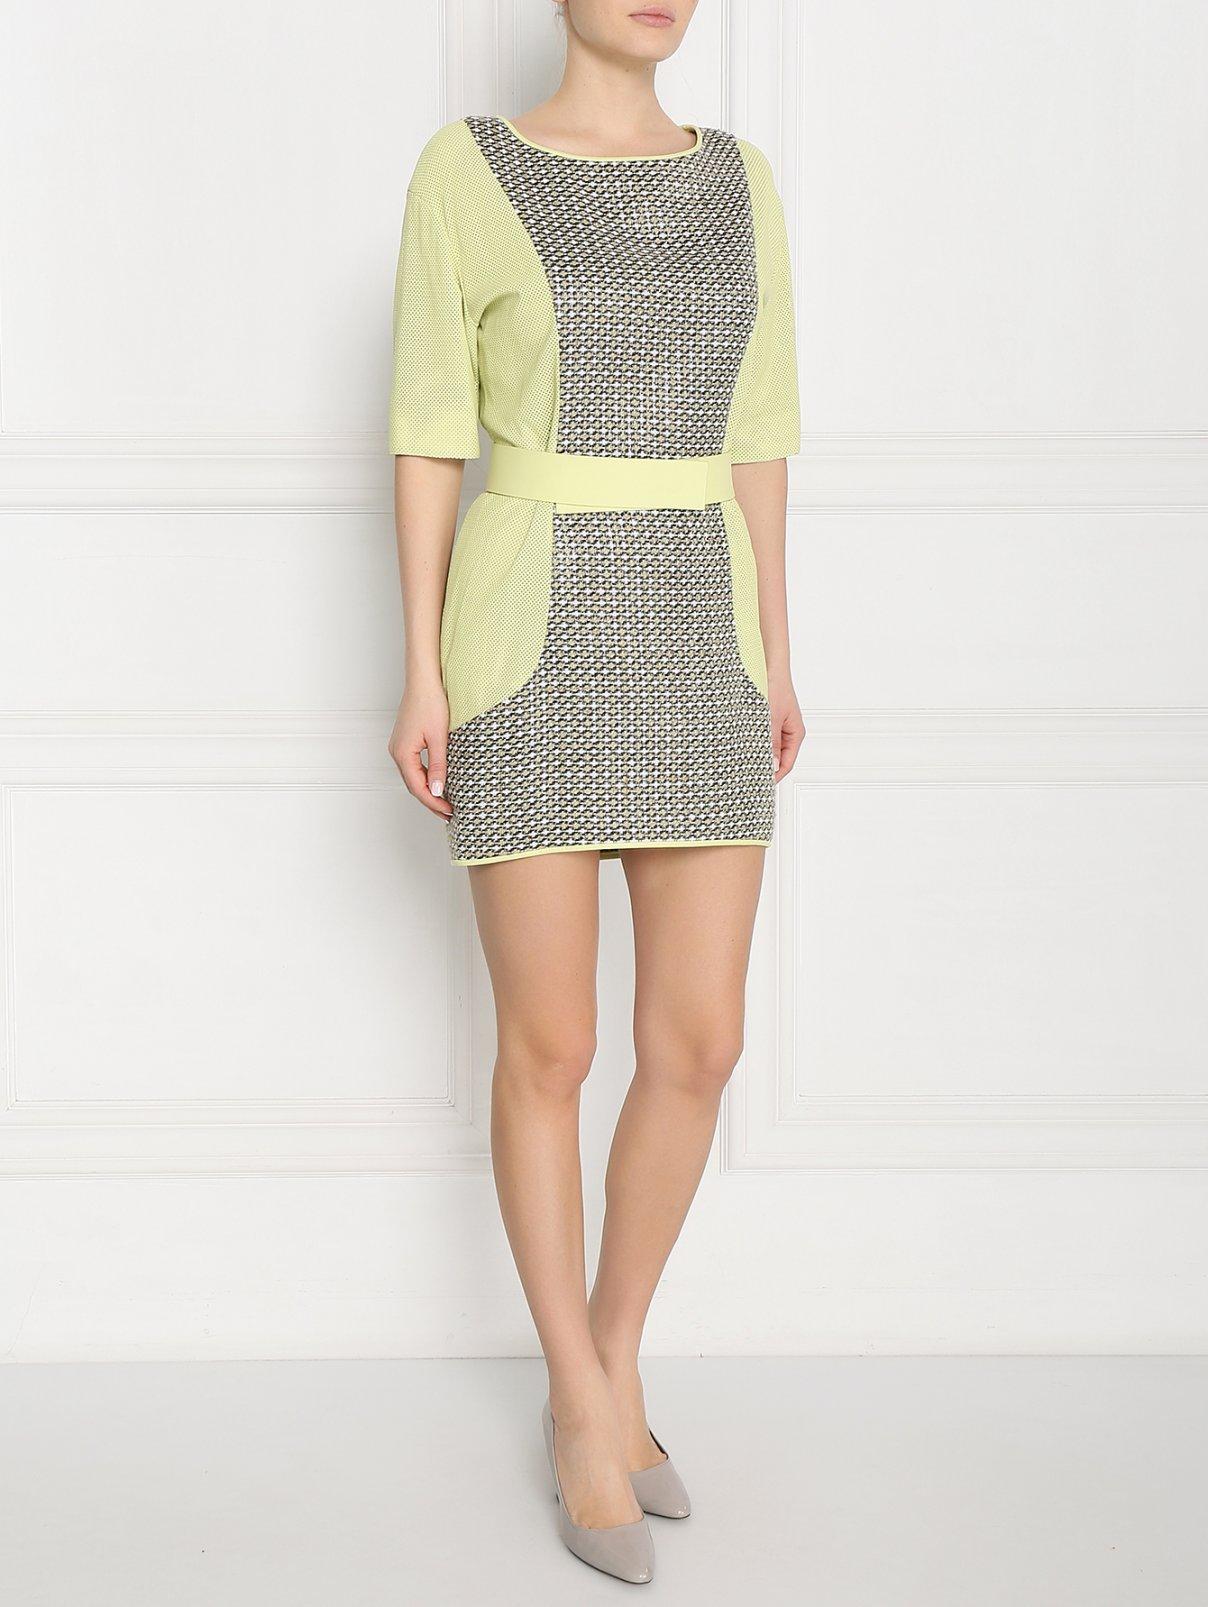 Платье-мини из кожи с перфорацией и контрастной отделкой DROMe  –  Модель Общий вид  – Цвет:  Мультиколор